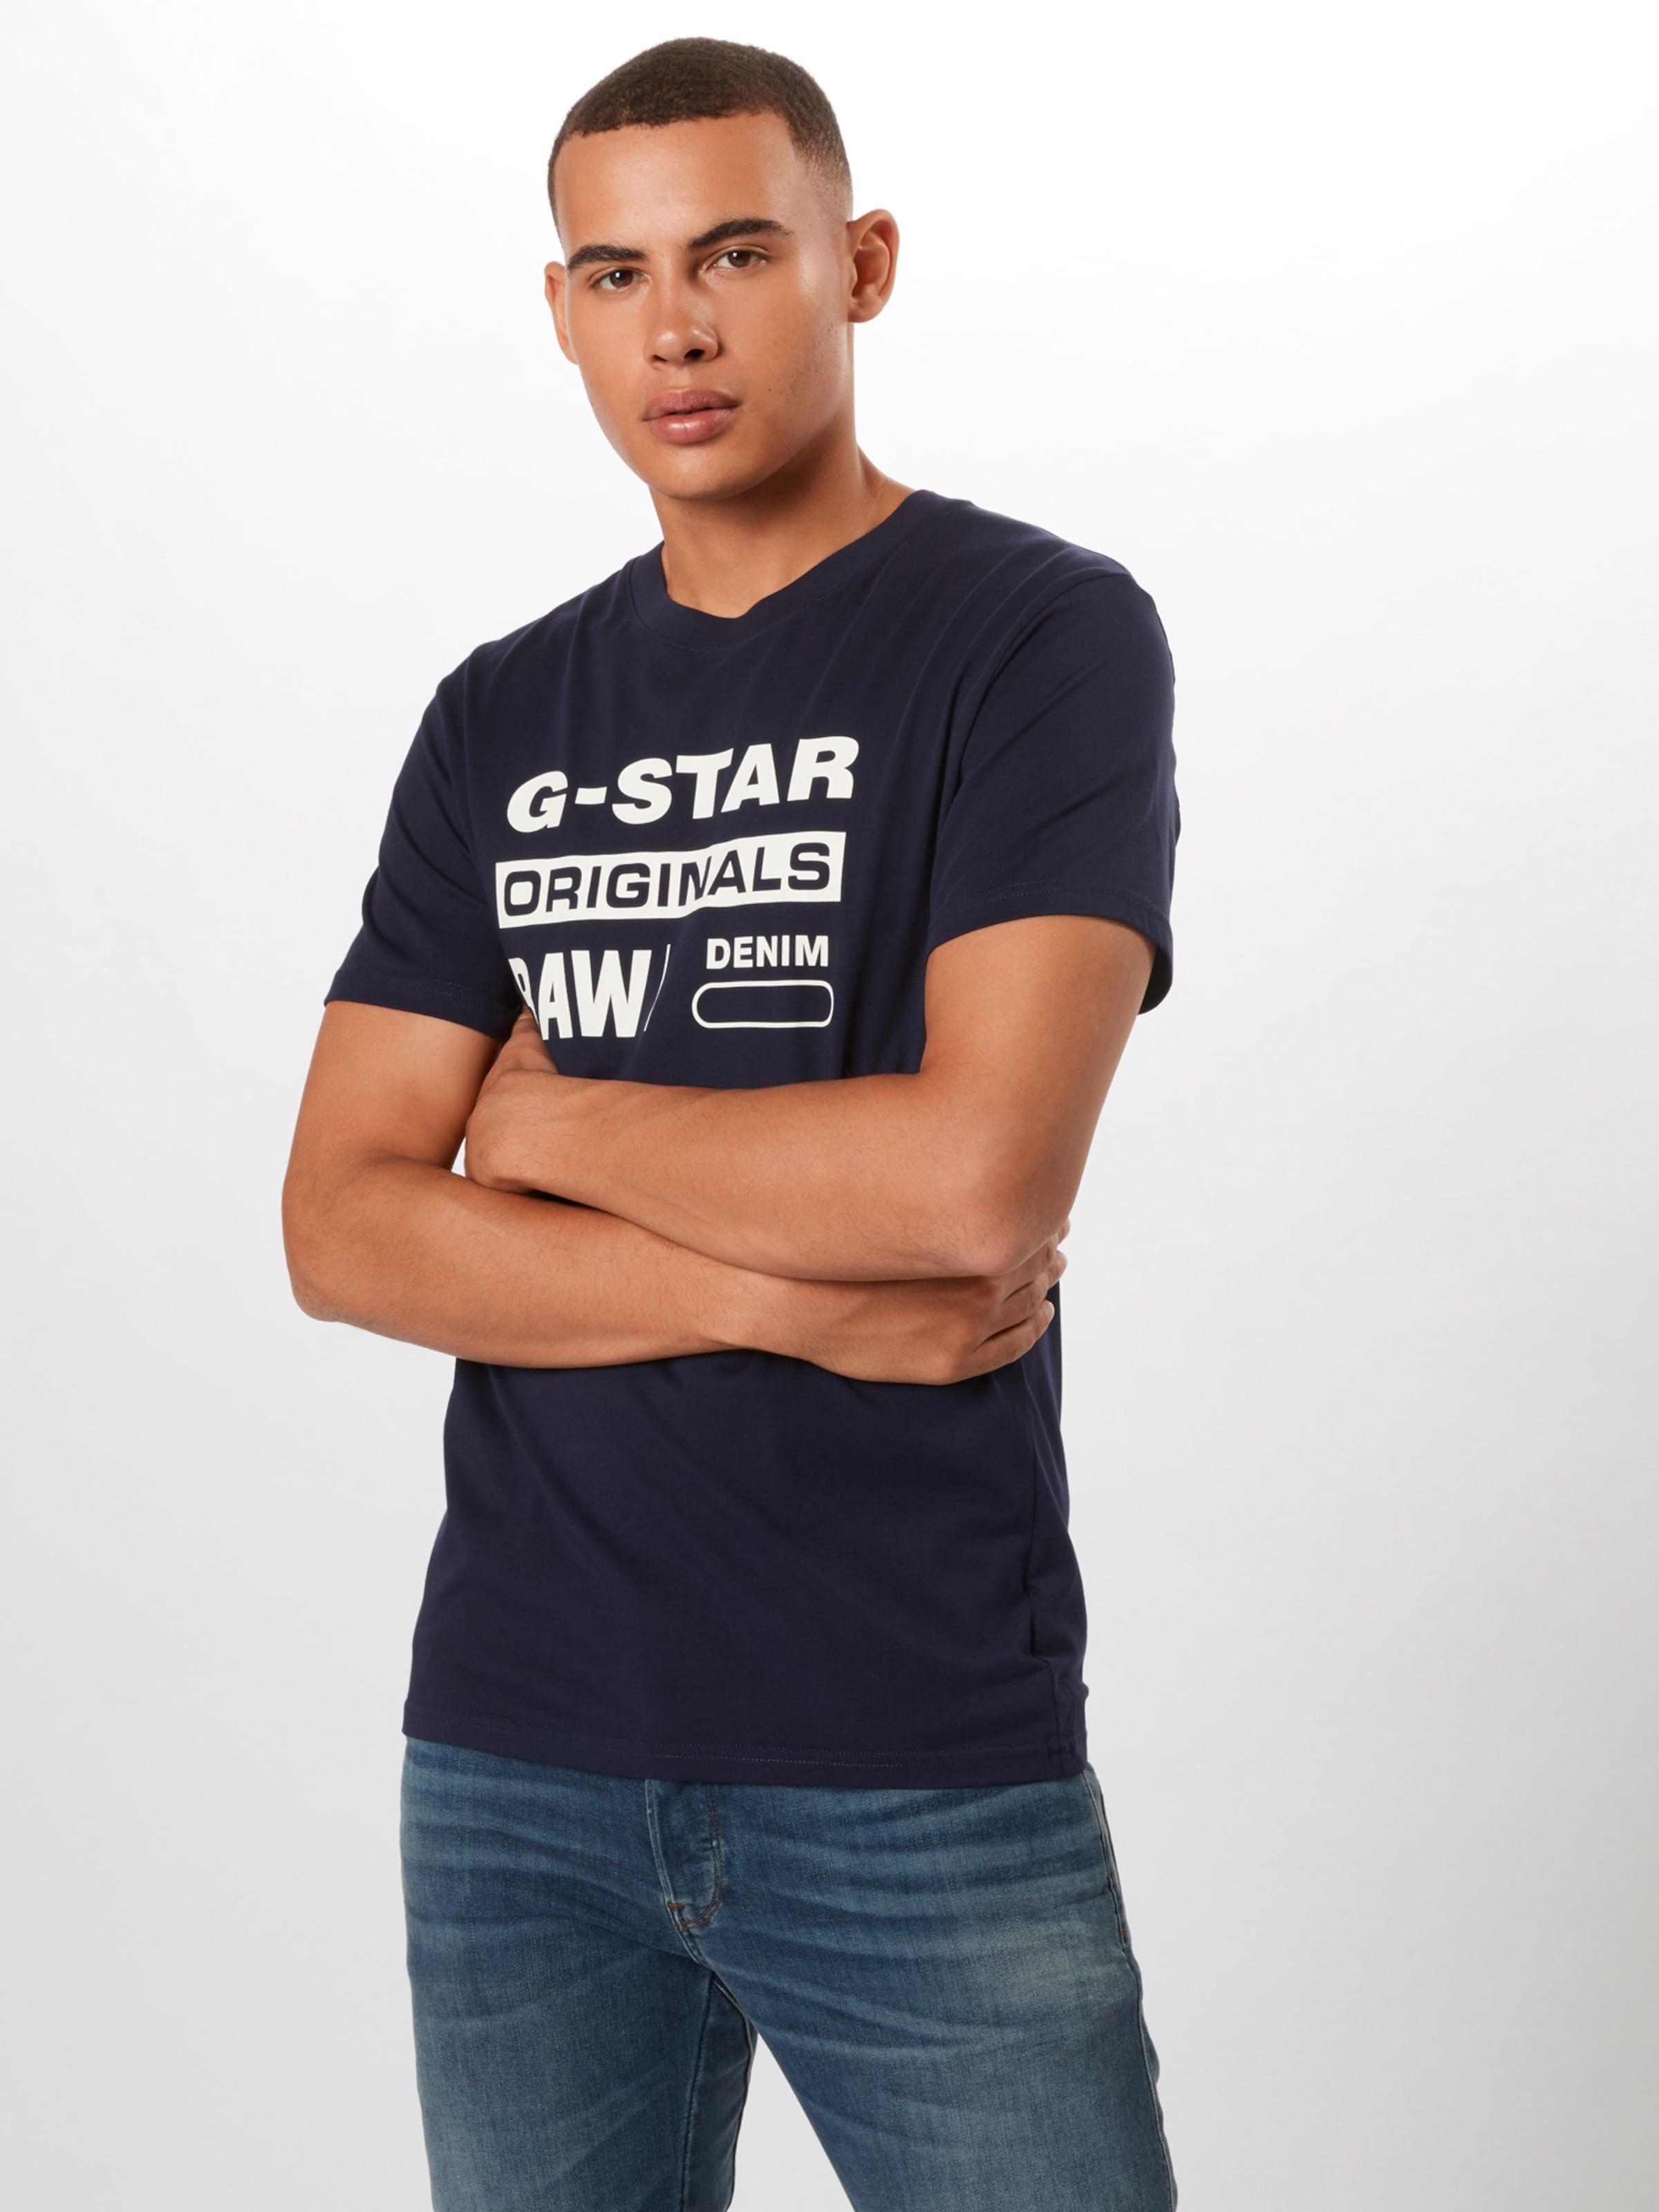 'graphic FoncéBlanc Bleu star shirt 8' Raw En G T qGMVSzpU